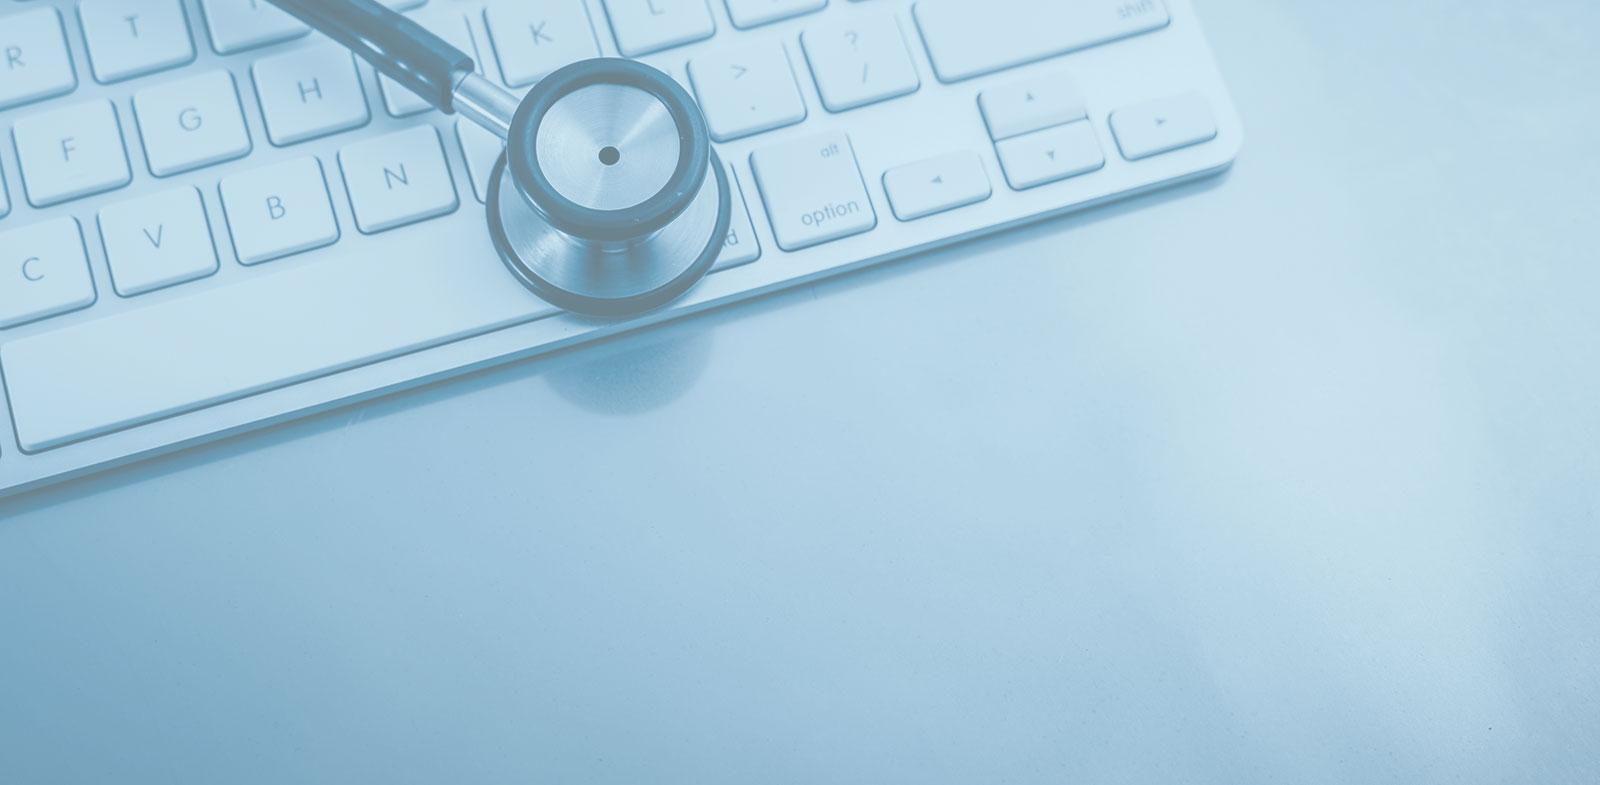 E-veselības uzturēšanas iepirkumam plānots atvēlēt 5,39 miljonus eiro